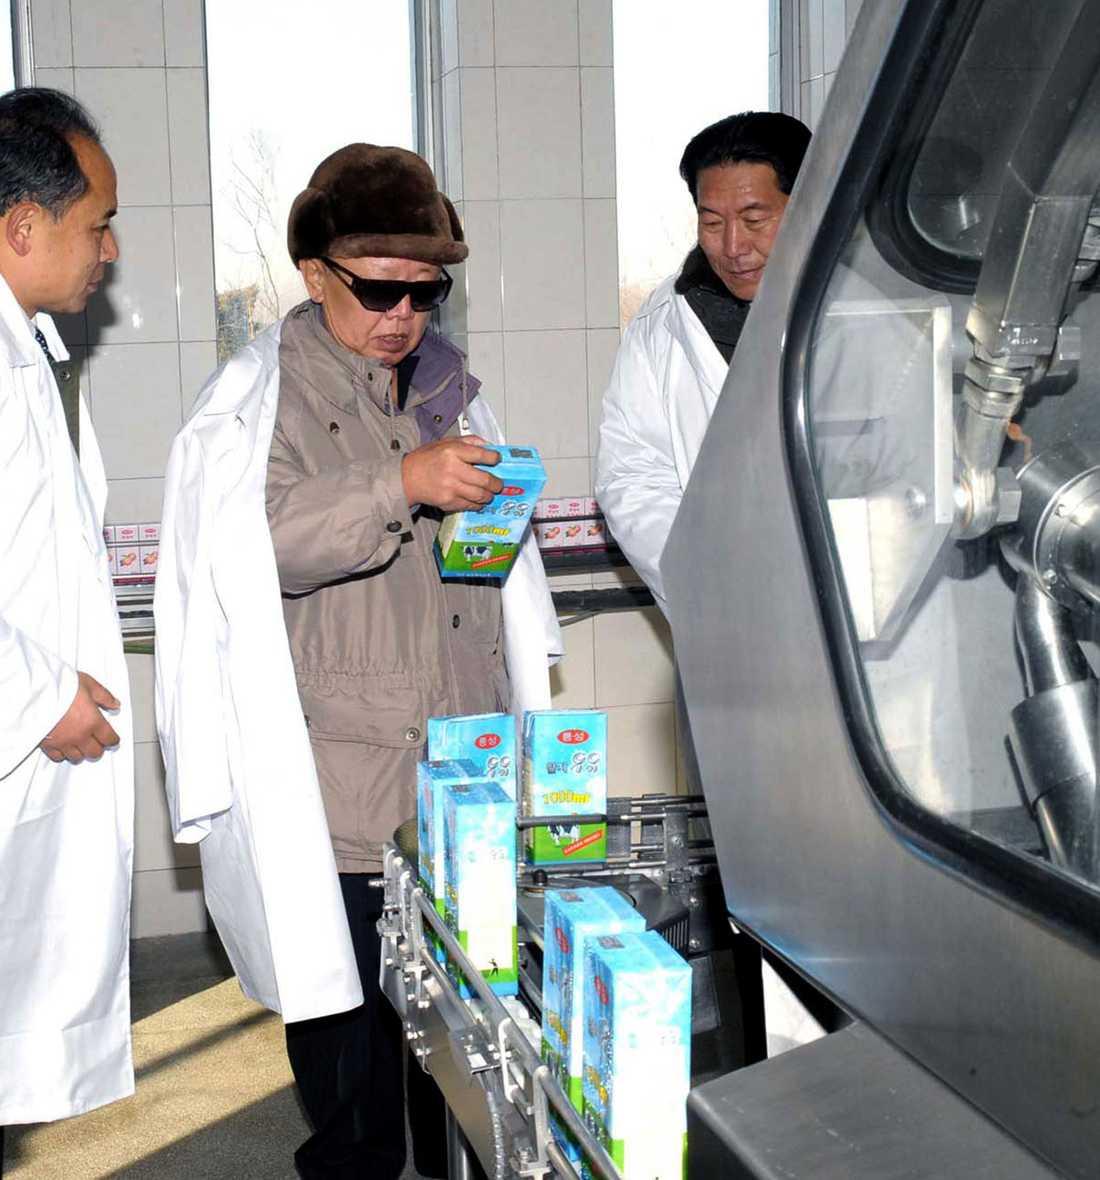 KIM TITTAR PÅ PAKET Tetrapaken må vara en svensk uppfinning, men mjölken från de koreanska korna är alltid bäst, oavsett förpackning.